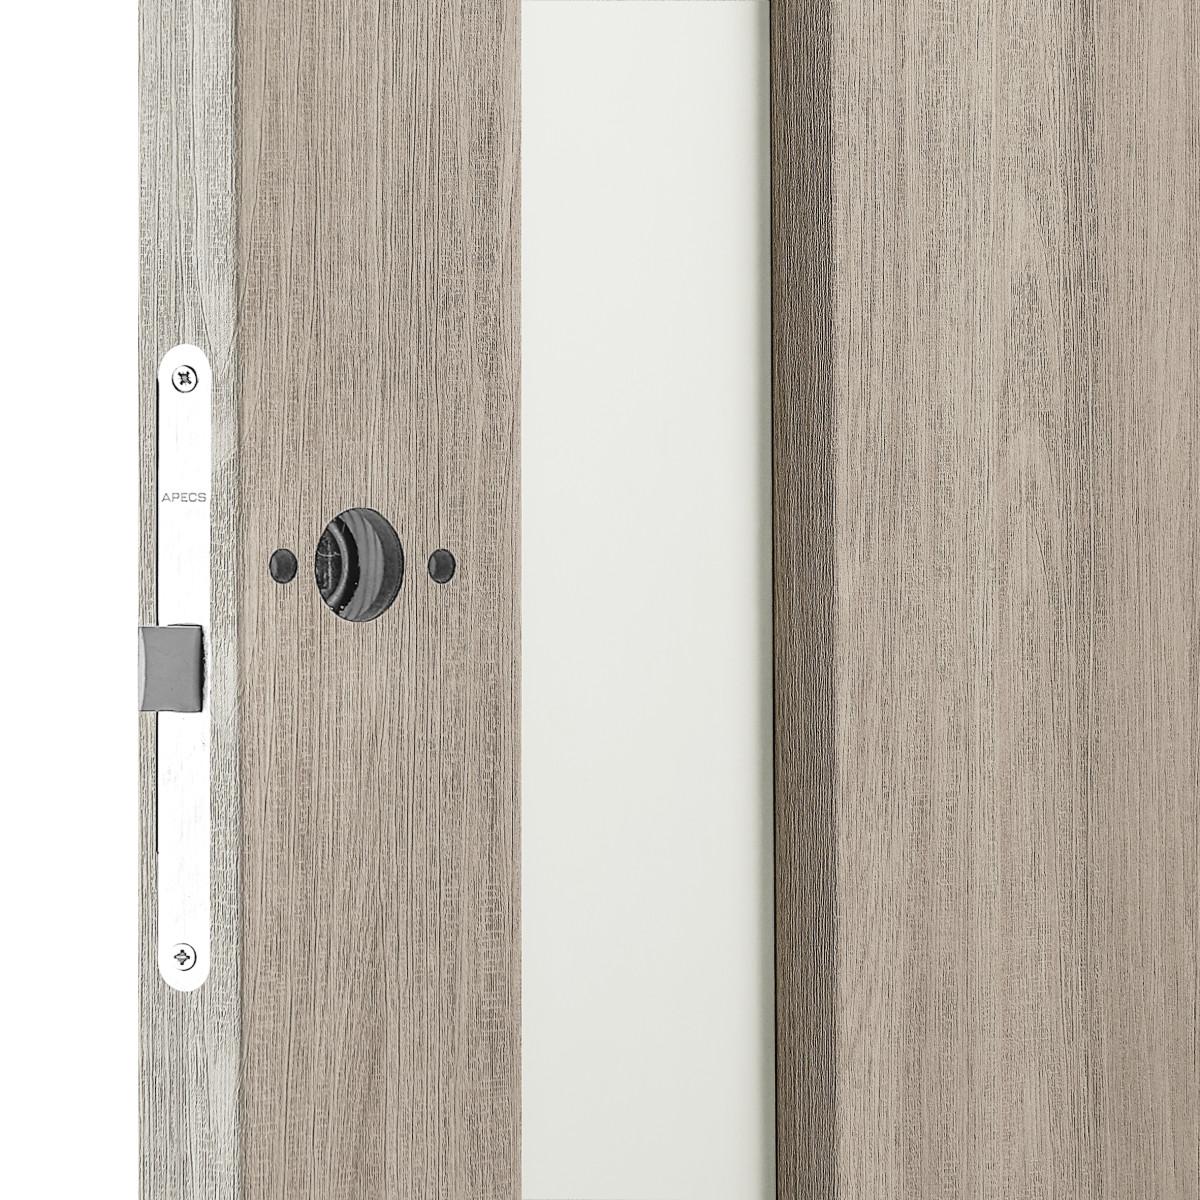 Дверь Межкомнатная Остеклённая Artens Мария 90x200 Пвх Цвет Шимо